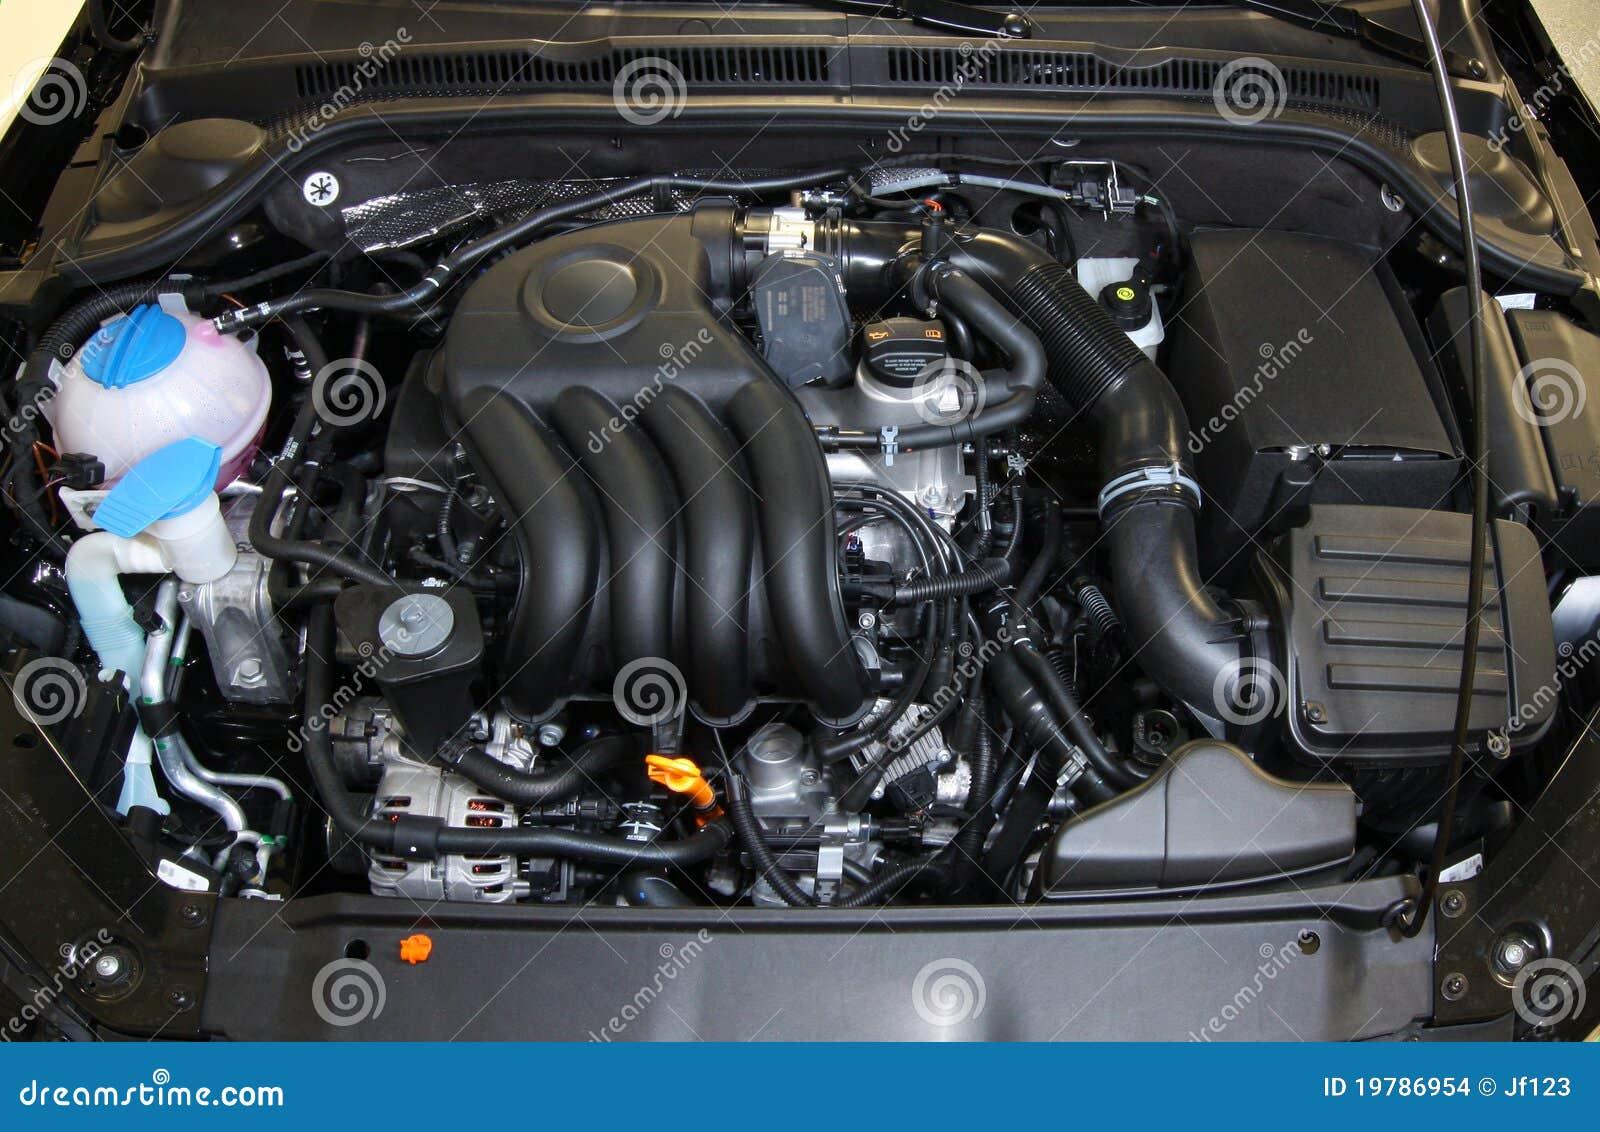 Automotor stockfoto. Bild von kompliziertheit, schlauch - 19786954